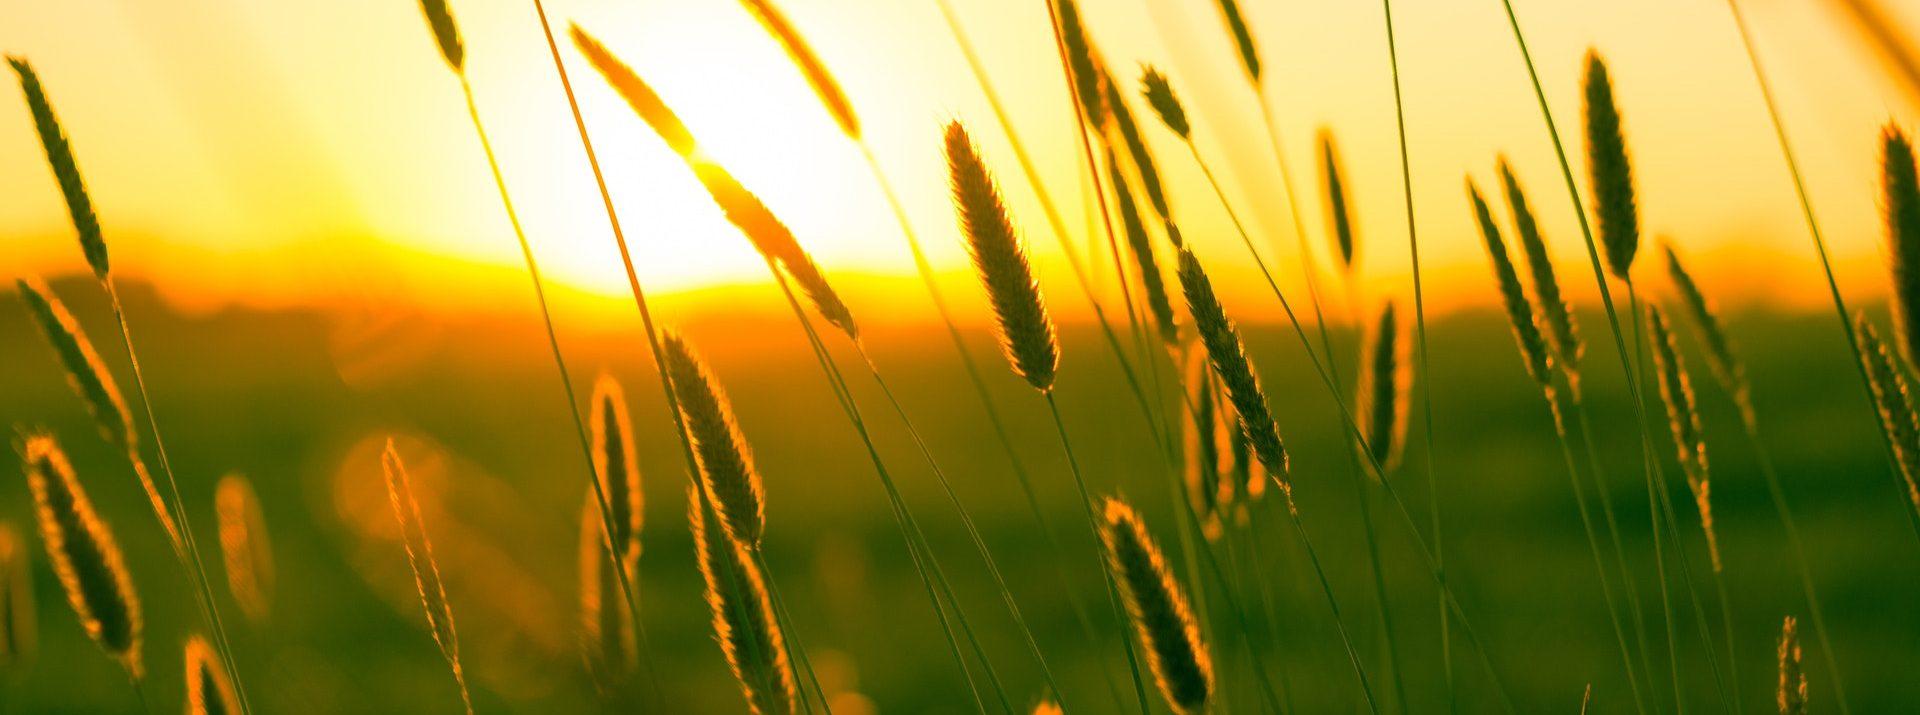 summer-sun-yellow-photography (1)